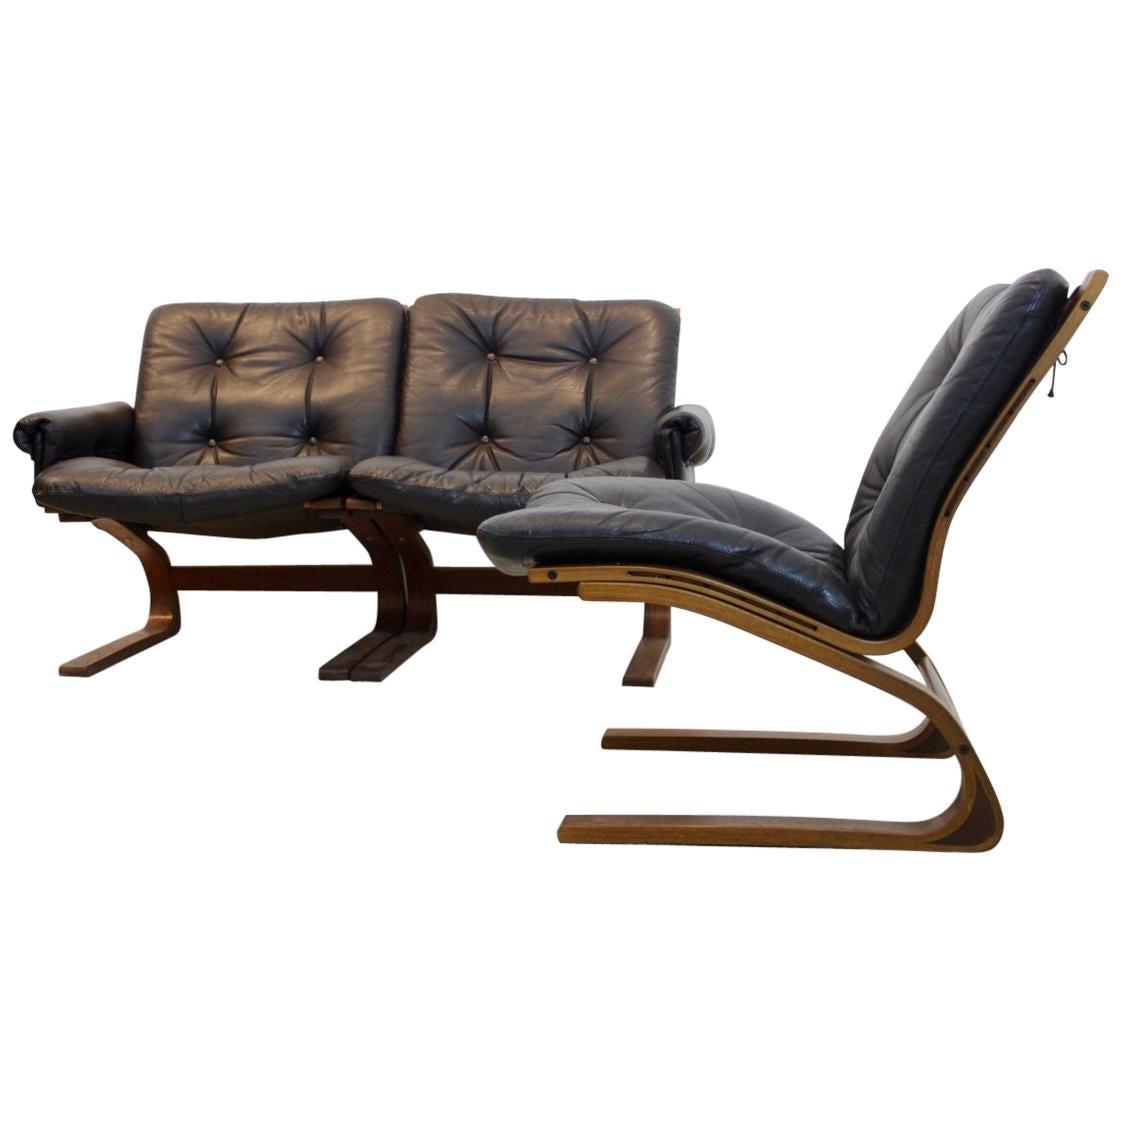 Norwegian Teak, Leather Kengu Sofa Set by Elsa & Nordahl Solheim for Rybo Rykken